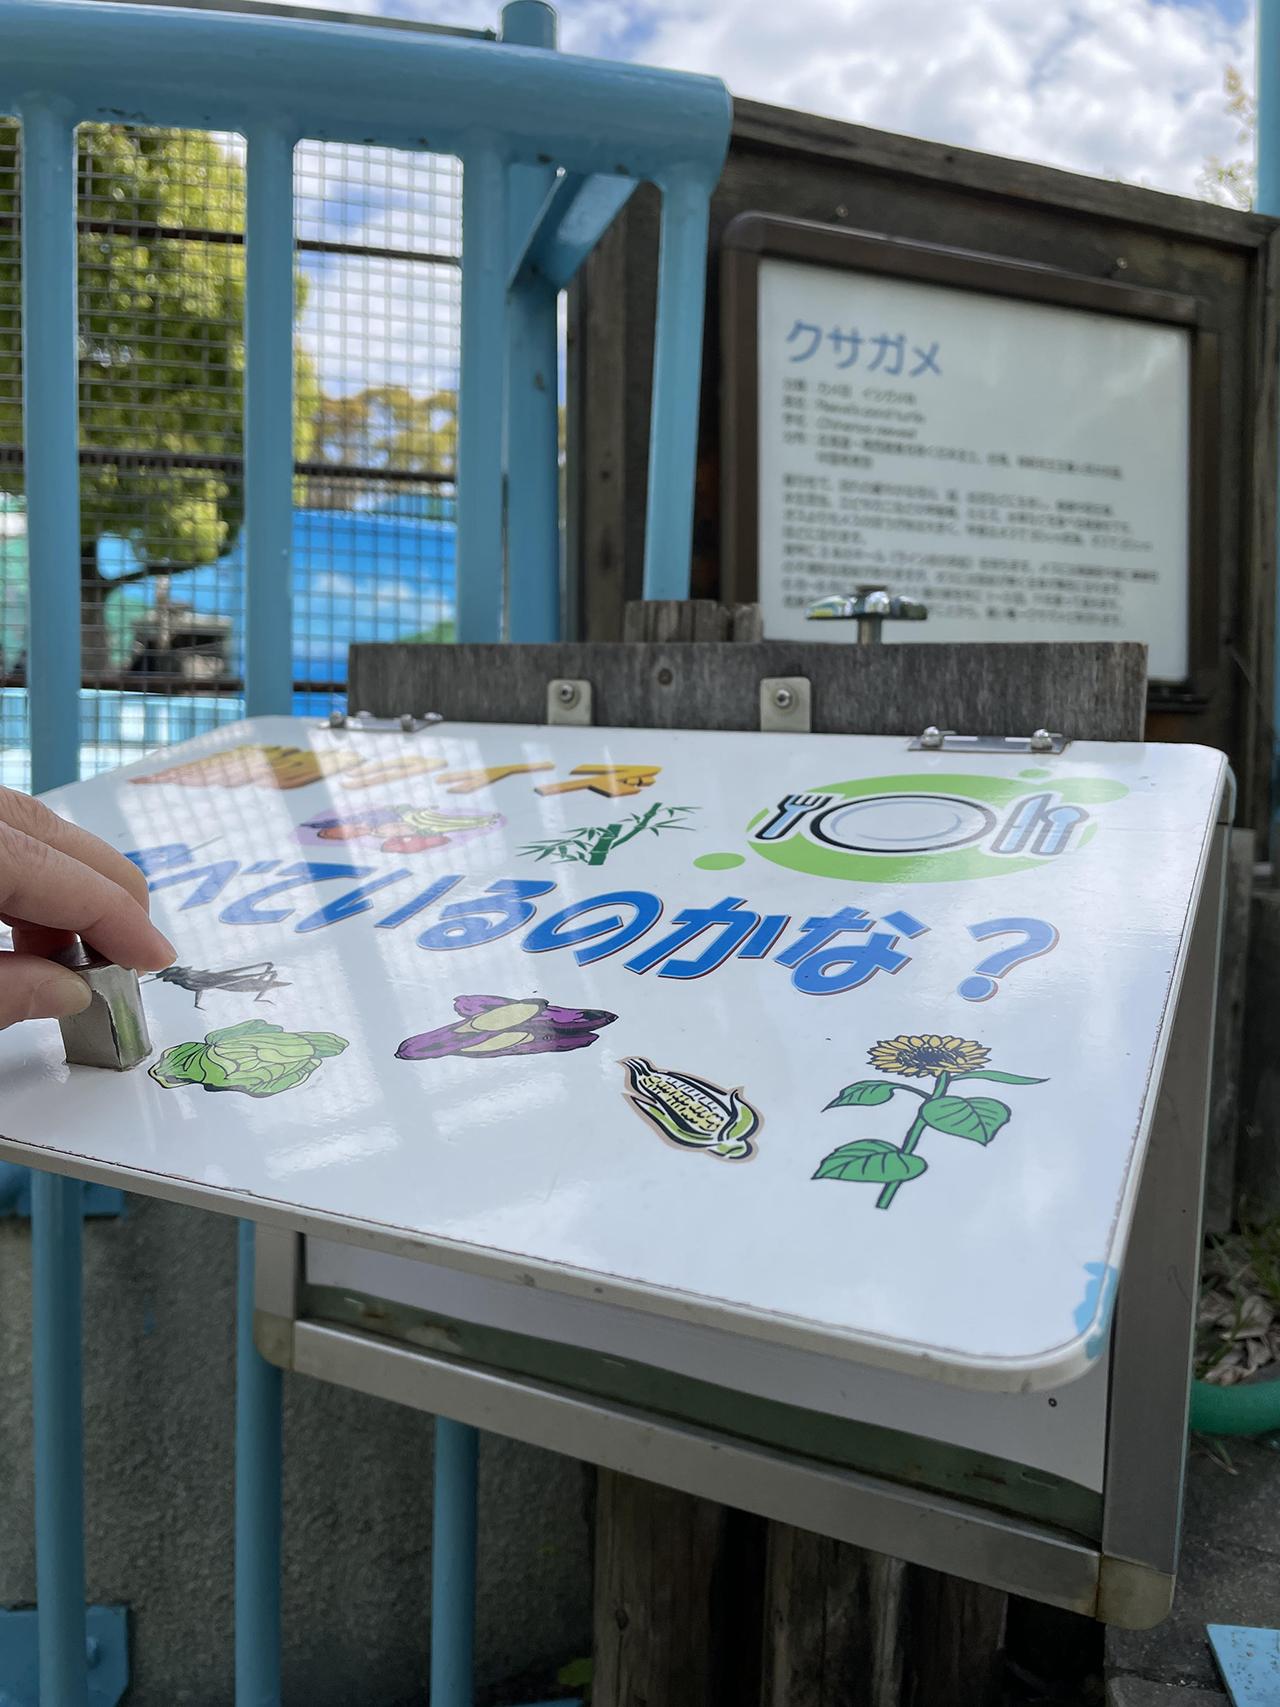 江戸川区自然動物園の投稿写真4